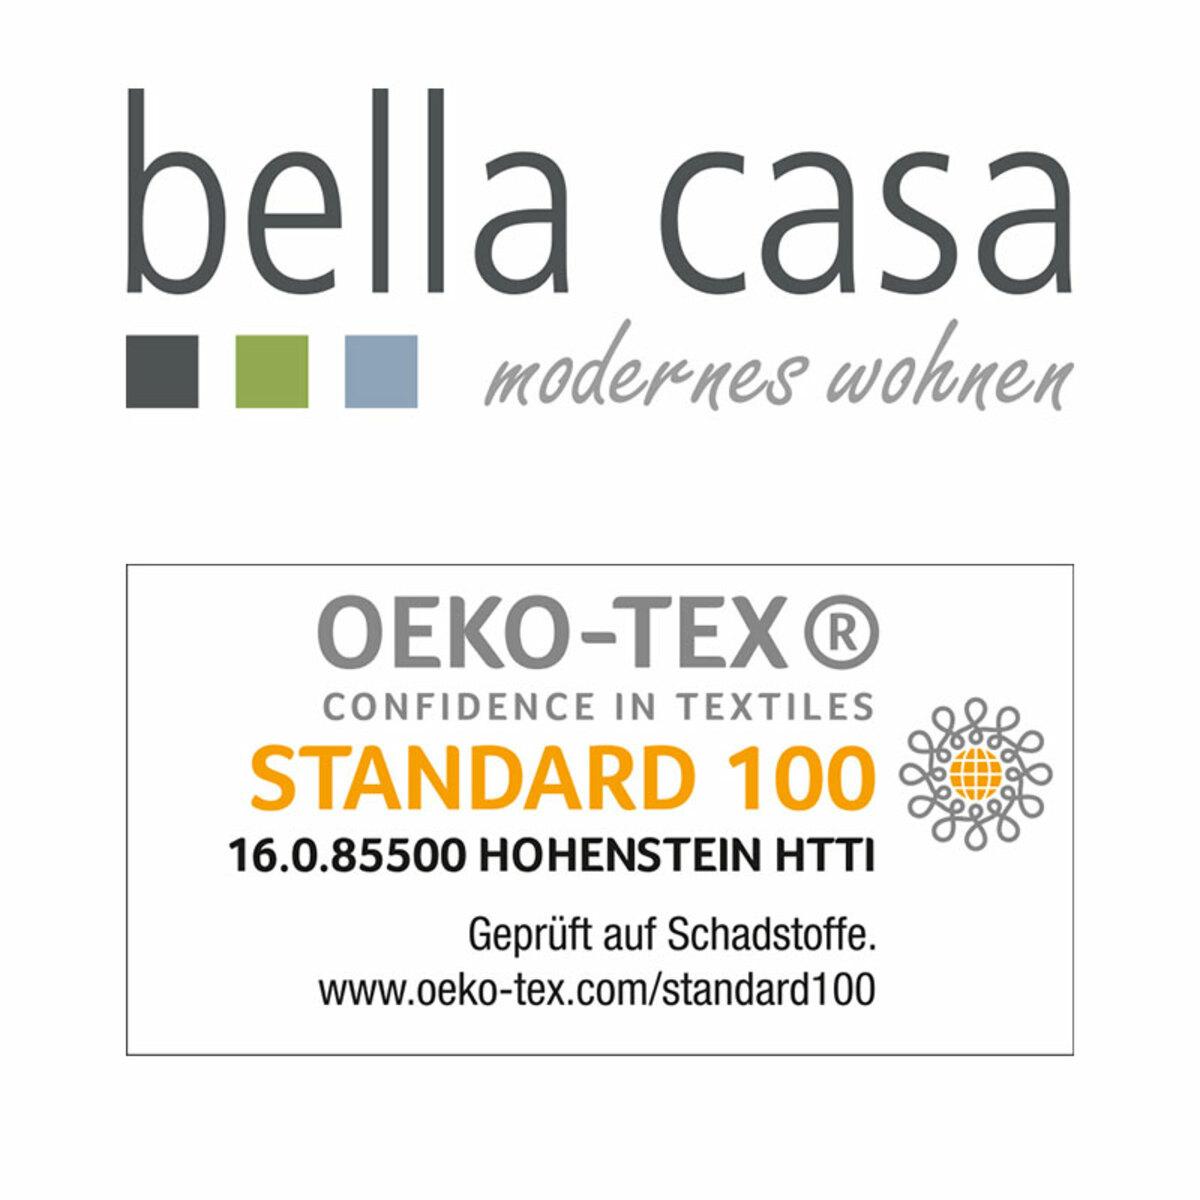 Bild 2 von Bella Casa XL-Designläufer, ca. 80 x 190 cm, Lavendel Herz/Home beige/lila